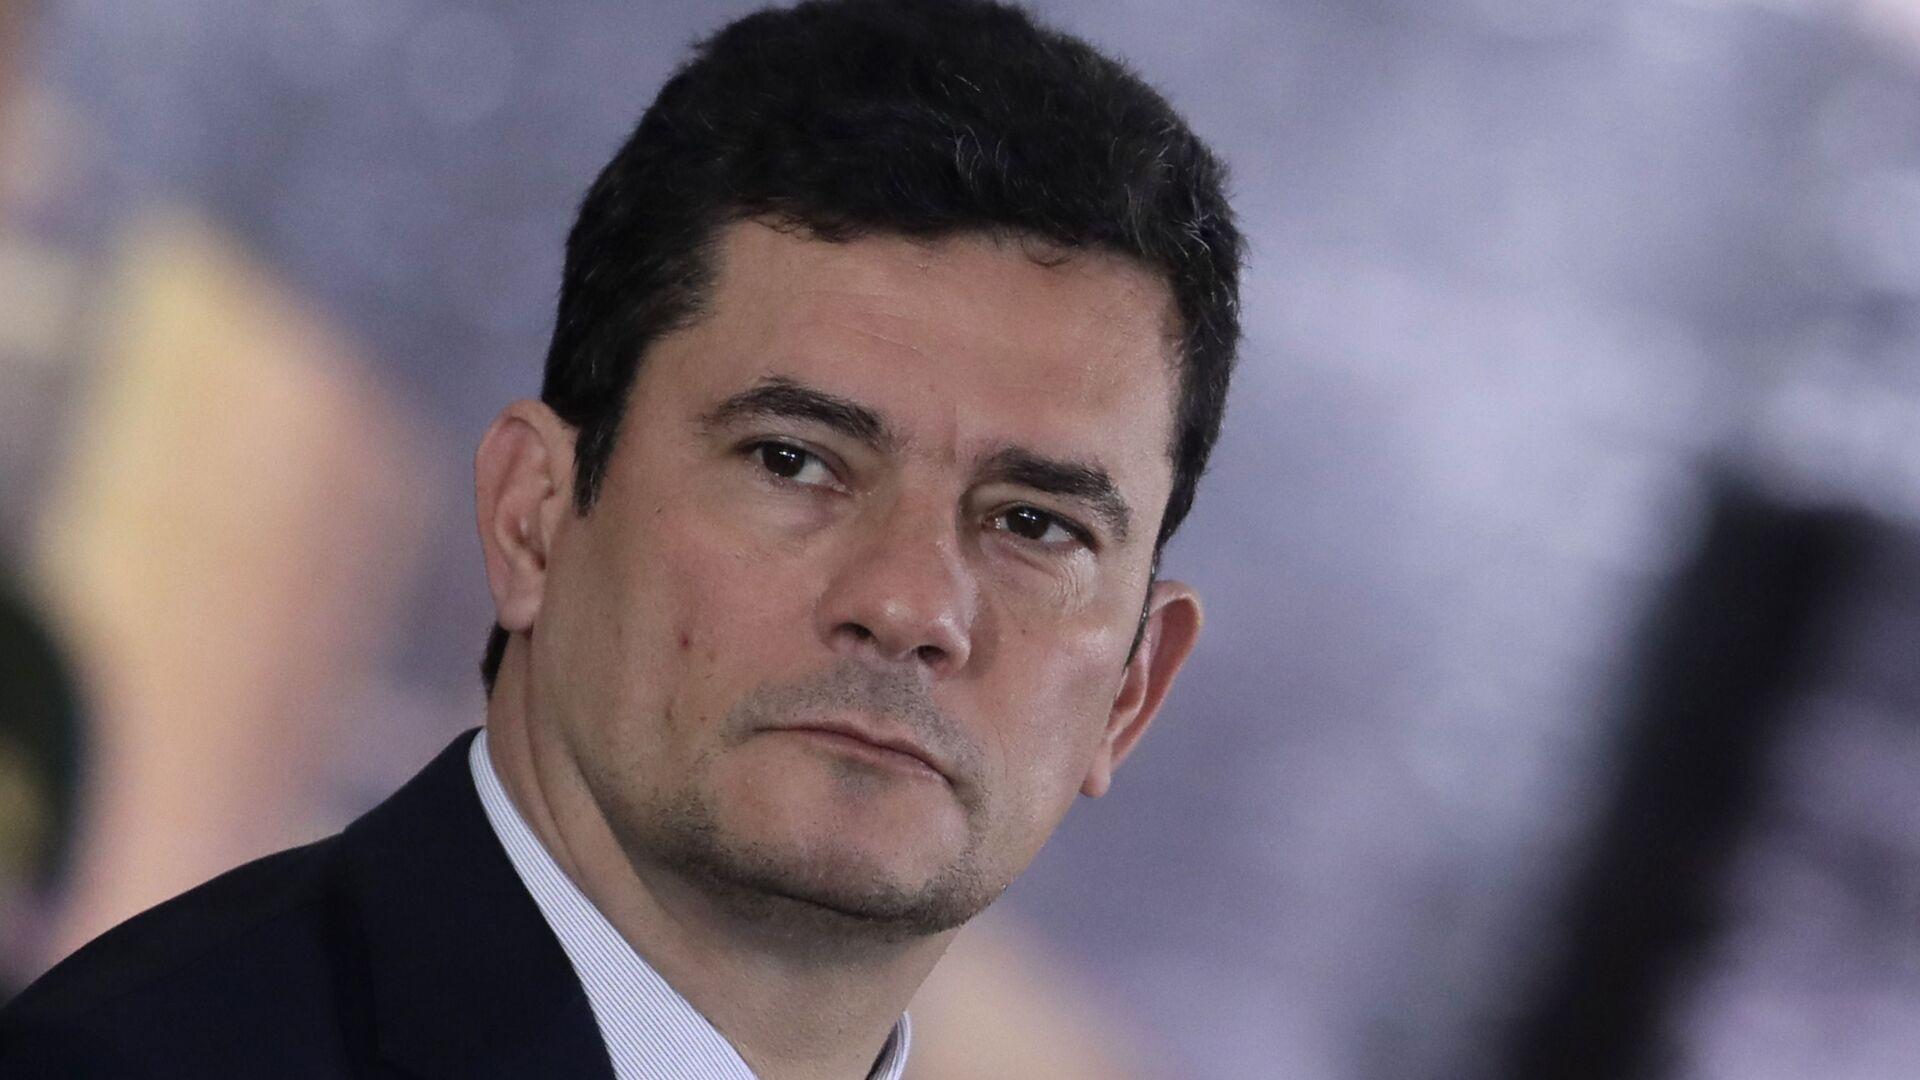 El ministro de Justicia y Seguridad Pública de Brasil, Sérgio Moro - Sputnik Mundo, 1920, 09.03.2021